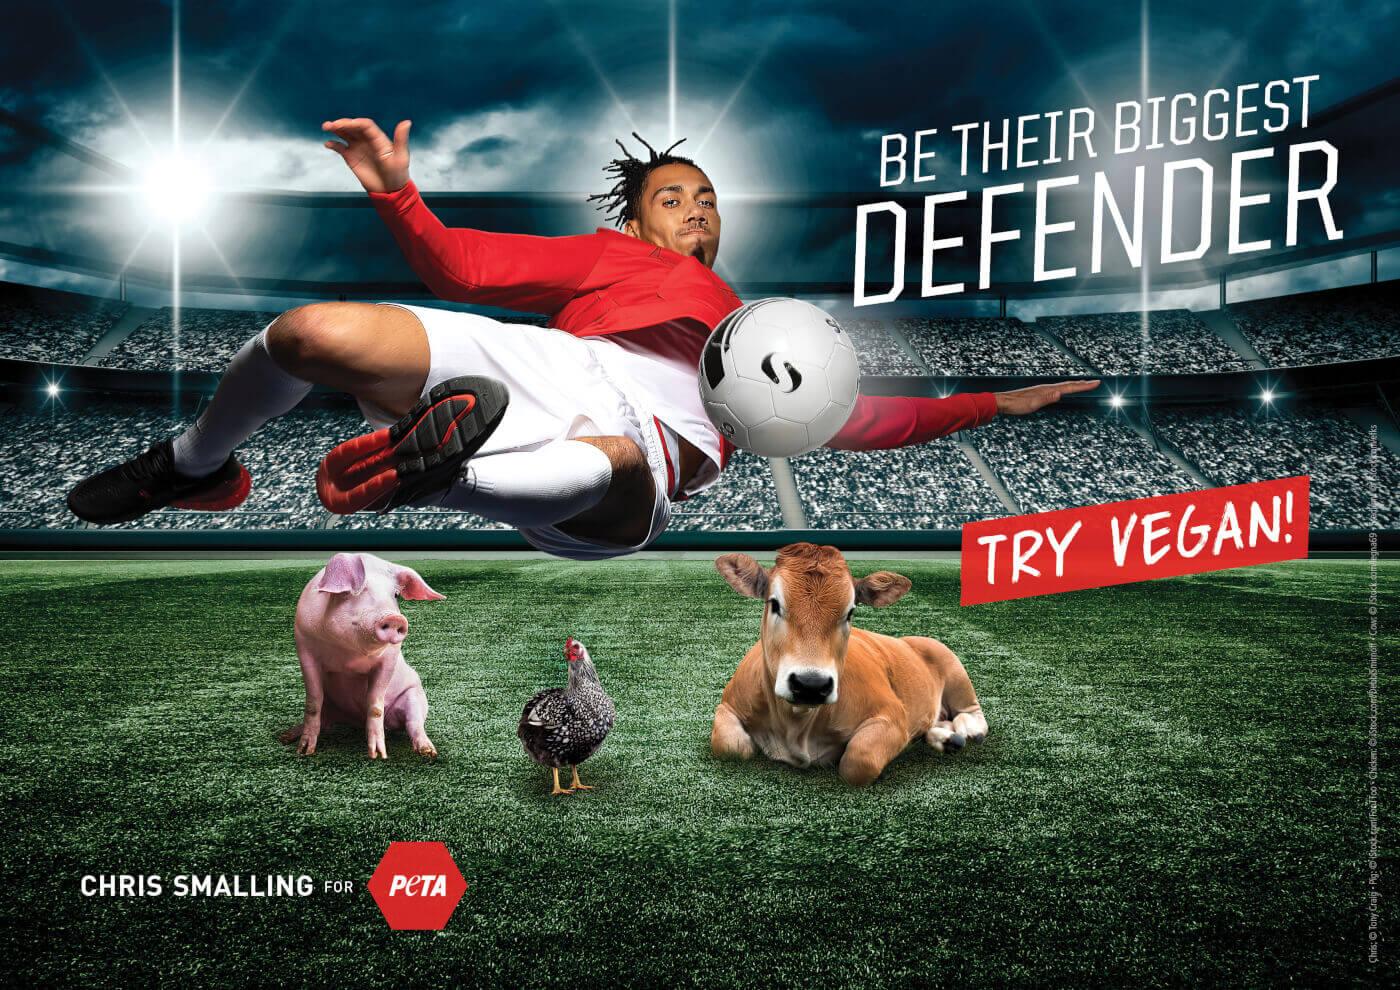 Le footballer Chris Smalling vole au secours des animaux